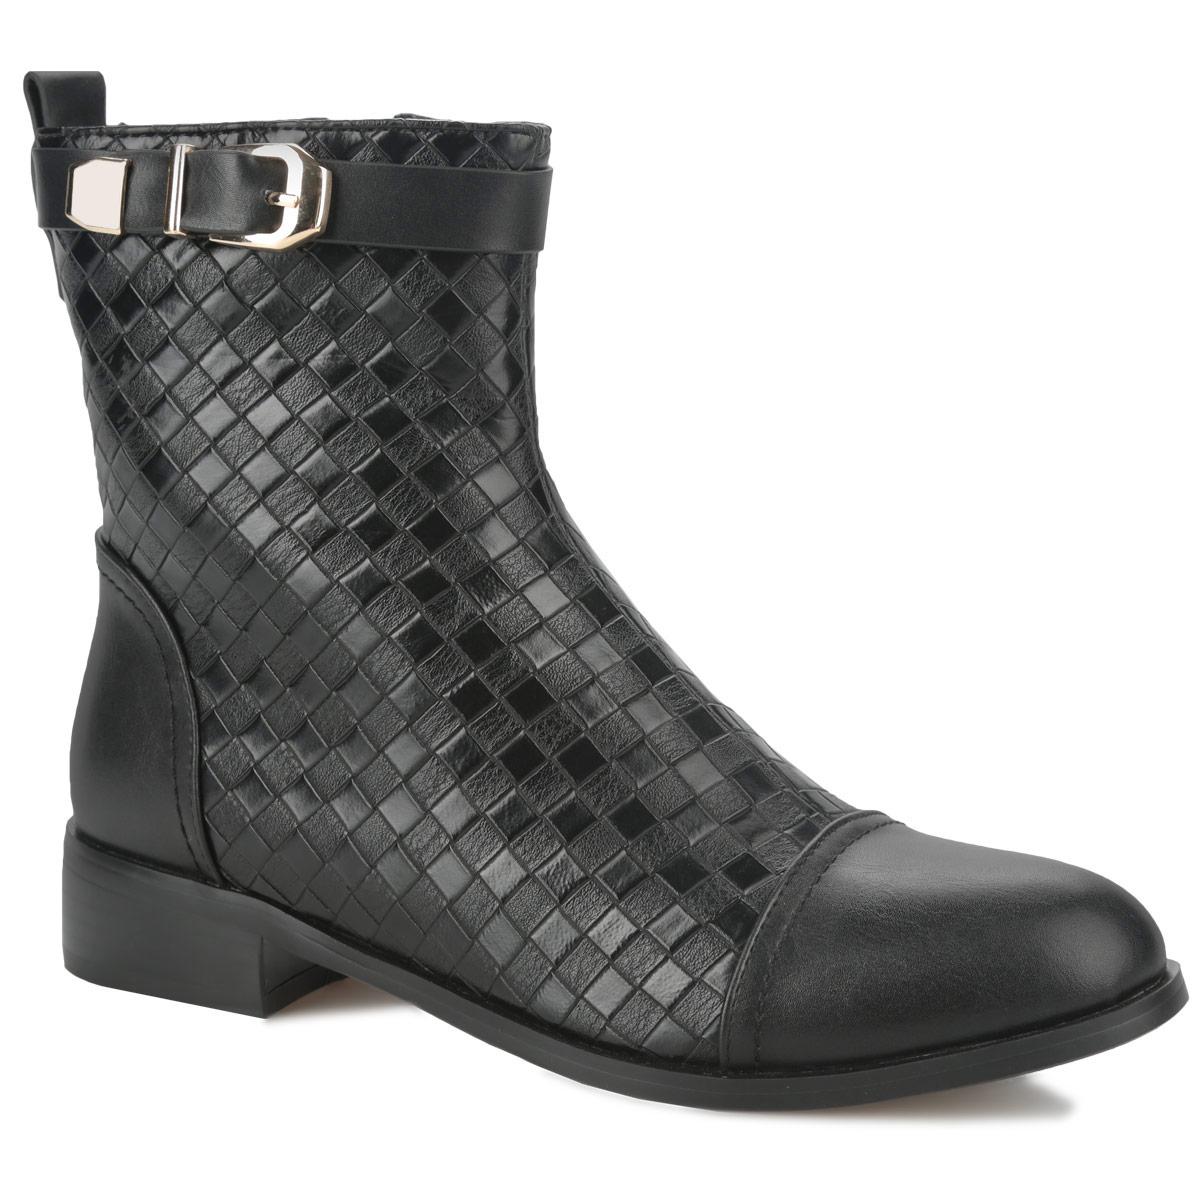 60119-01-1BТрендовые ботинки от Inario займут достойное место в вашем гардеробе. Модель выполнена из искусственной кожи и оформлена тиснением в виде ромбов. Голенище опоясывает декоративный ремешок с металлической пряжкой. Ярлычок на заднике облегчает надевание обуви. Ботинки застегиваются на боковую застежку-молнию. Мягкая подкладка и стелька из байки сохраняют тепло, обеспечивая максимальный комфорт при движении. Невысокий каблук устойчив. Рифленая поверхность каблука и подошвы защищает изделие от скольжения. В таких стильных ботинках вашим ногам будет комфортно и уютно!